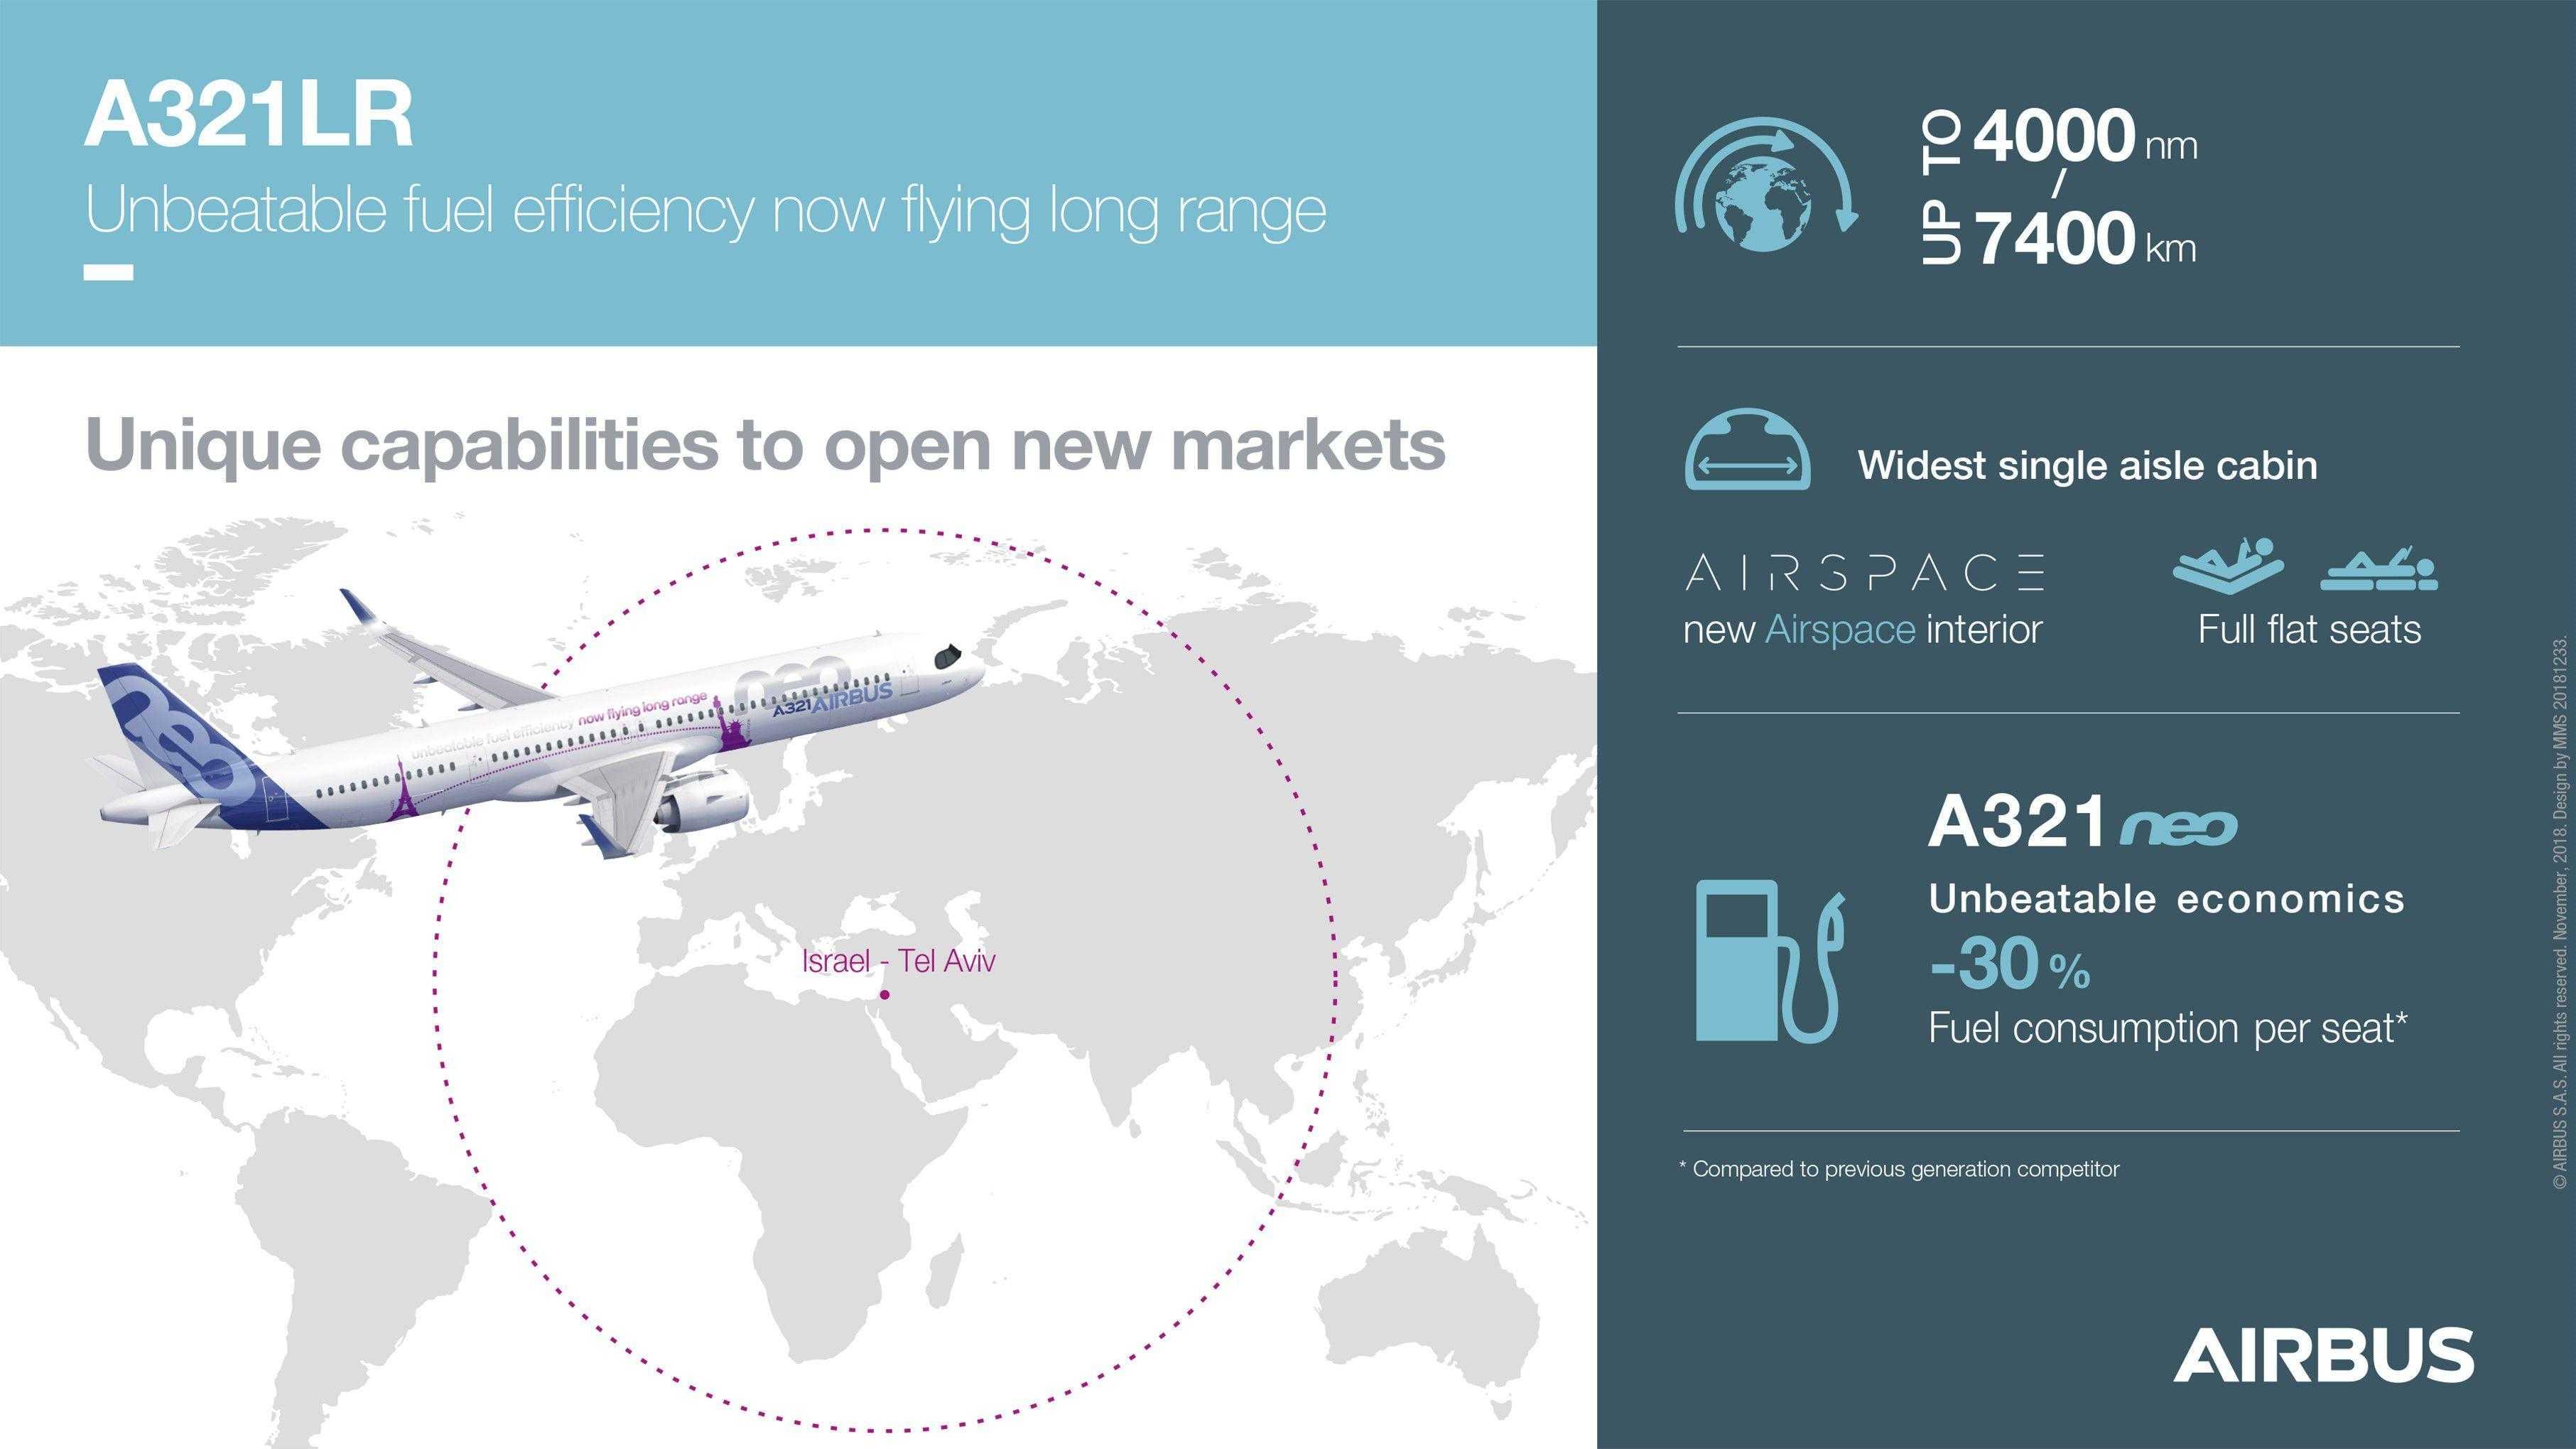 A321LR-ARKI kendinden 7400 kilometre